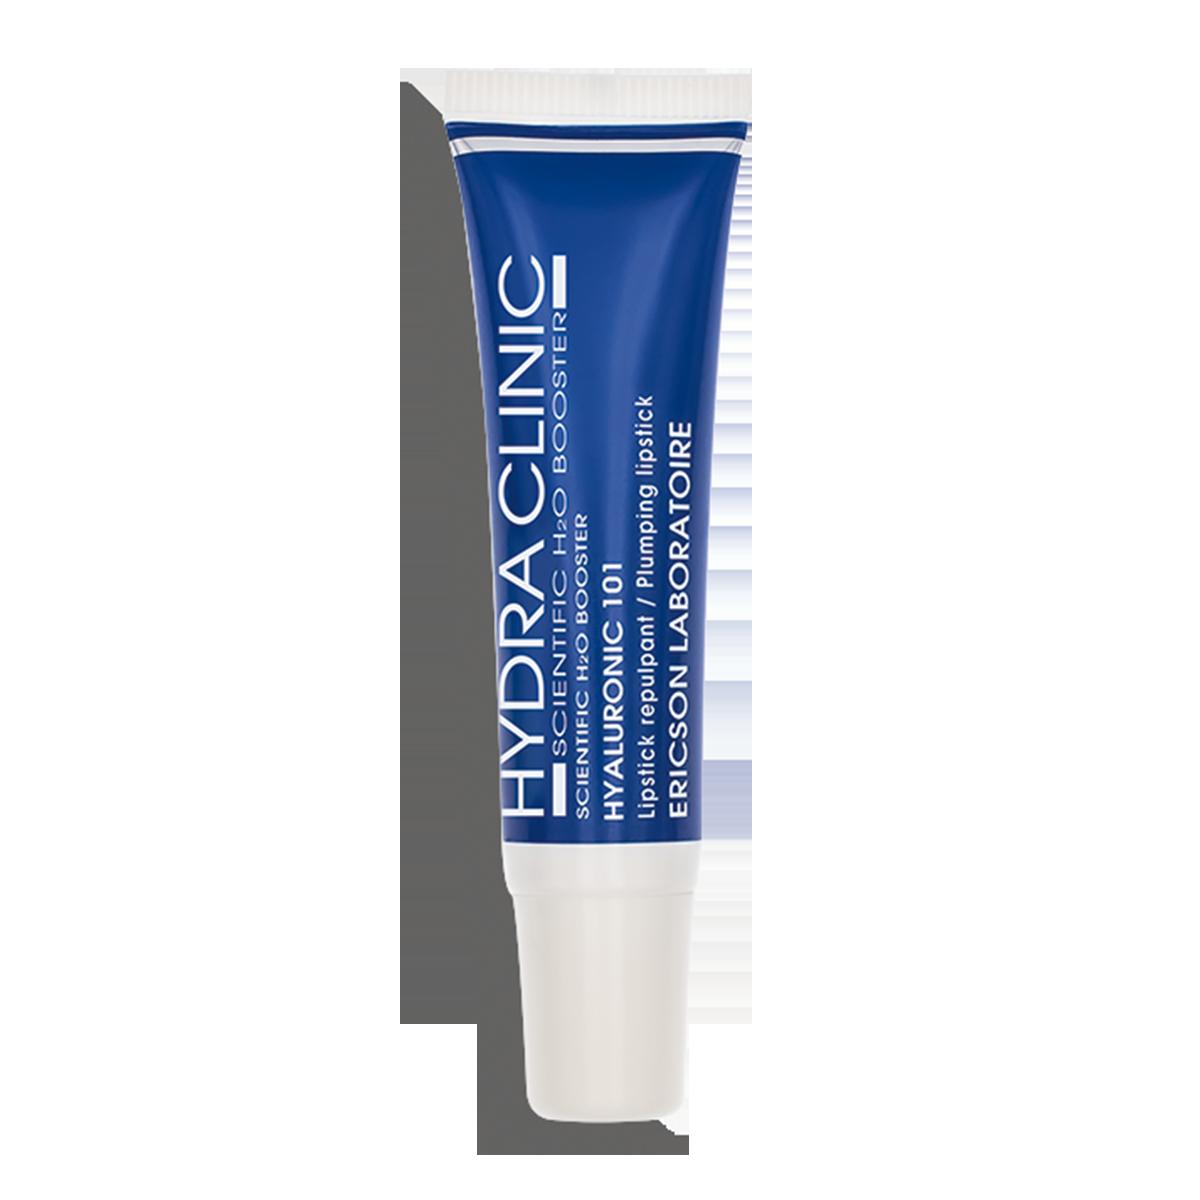 Hydra Clinic E803 - Son dưỡng căng mọng, chống nhăn, chống nứt nẻ môi Hyaluronic 101